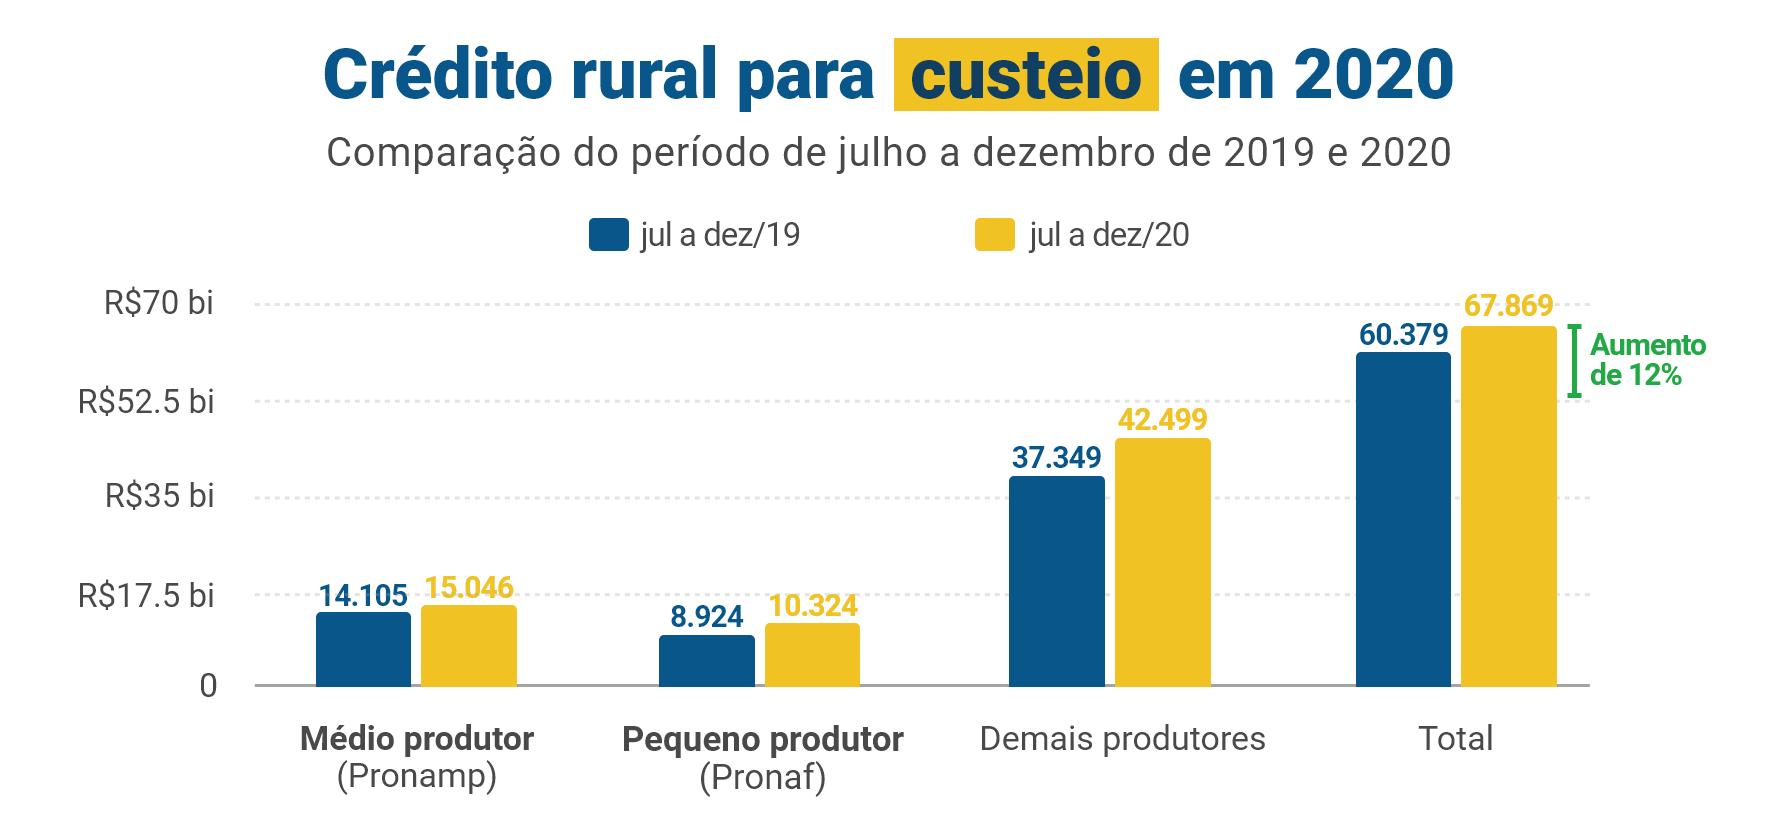 Crédito rural para custeio em 2020